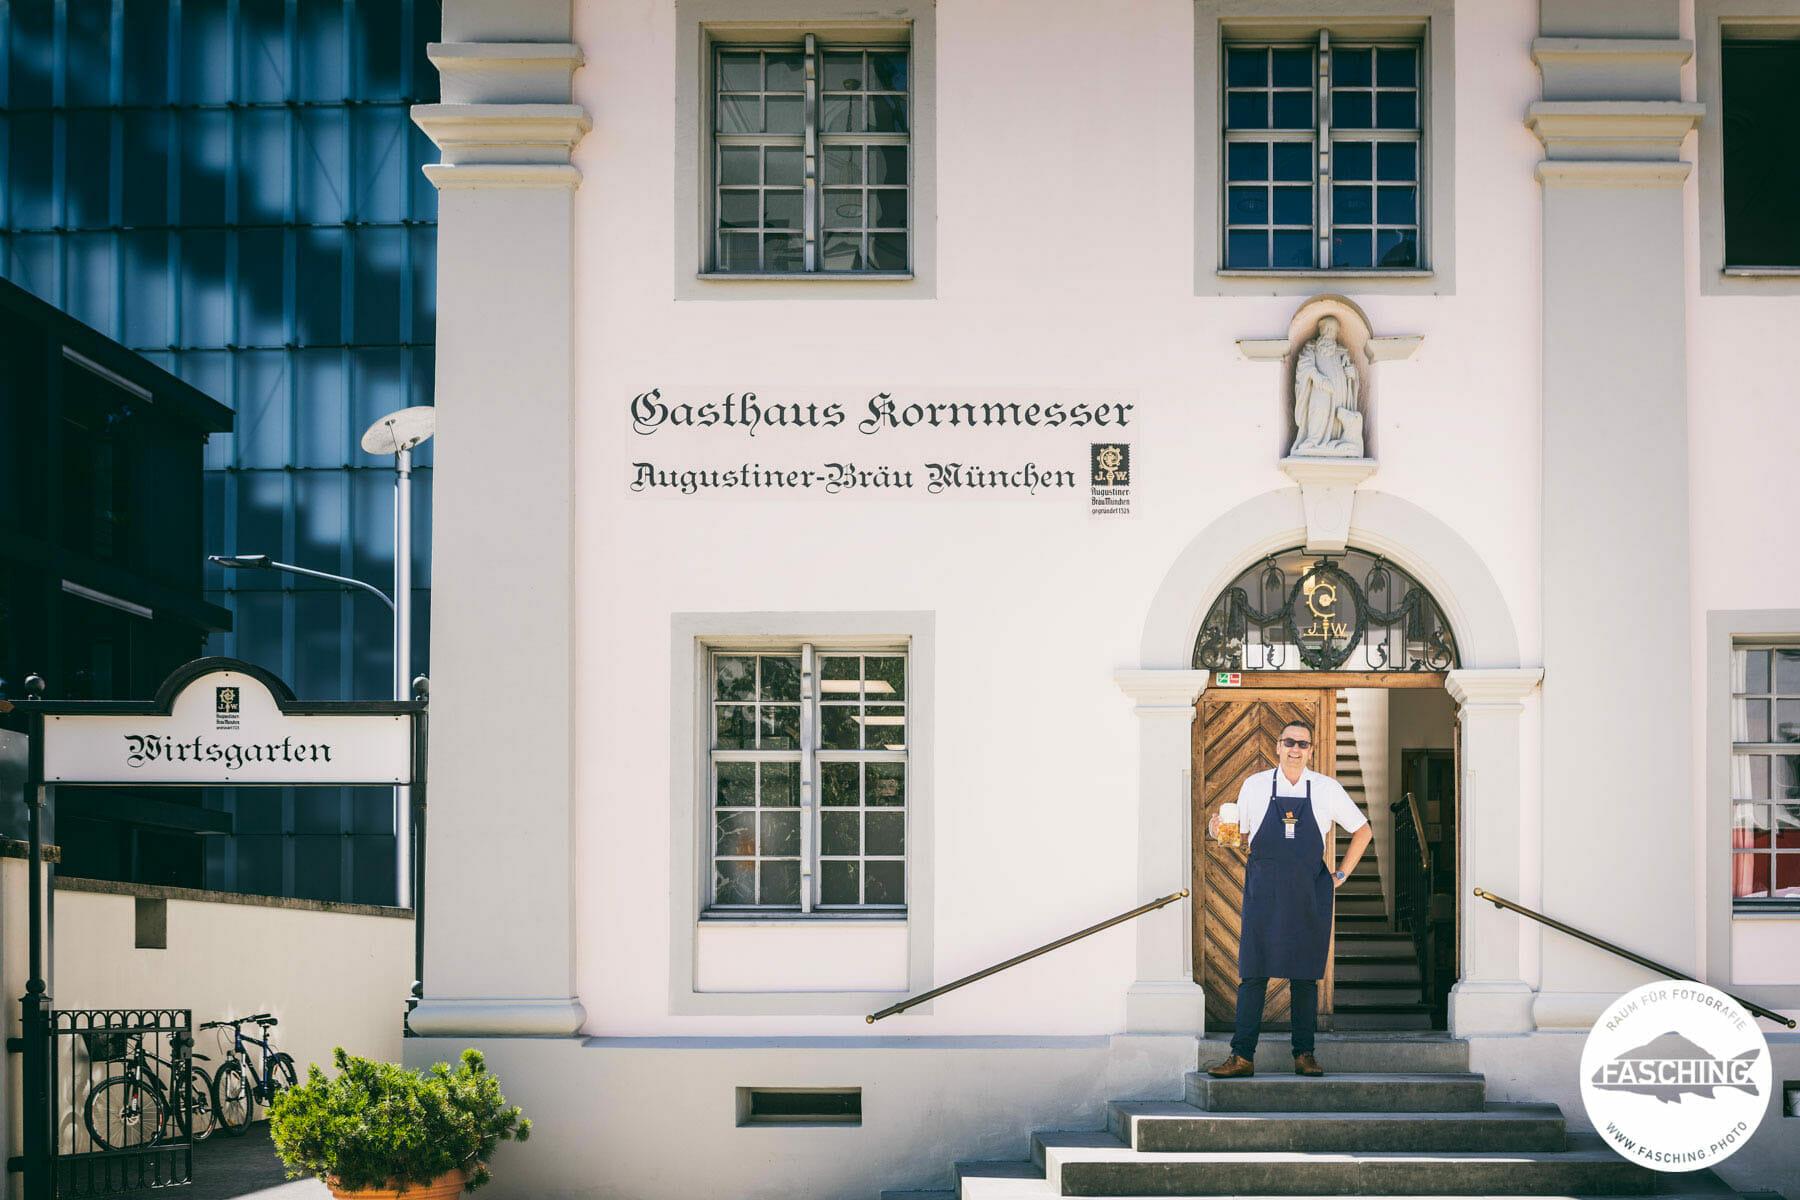 Fotografie für Bregenzerleben dem Gästemagazin der Stadt Bregenz 2019 von dem vorarlberger Fotografen Luca Fasching